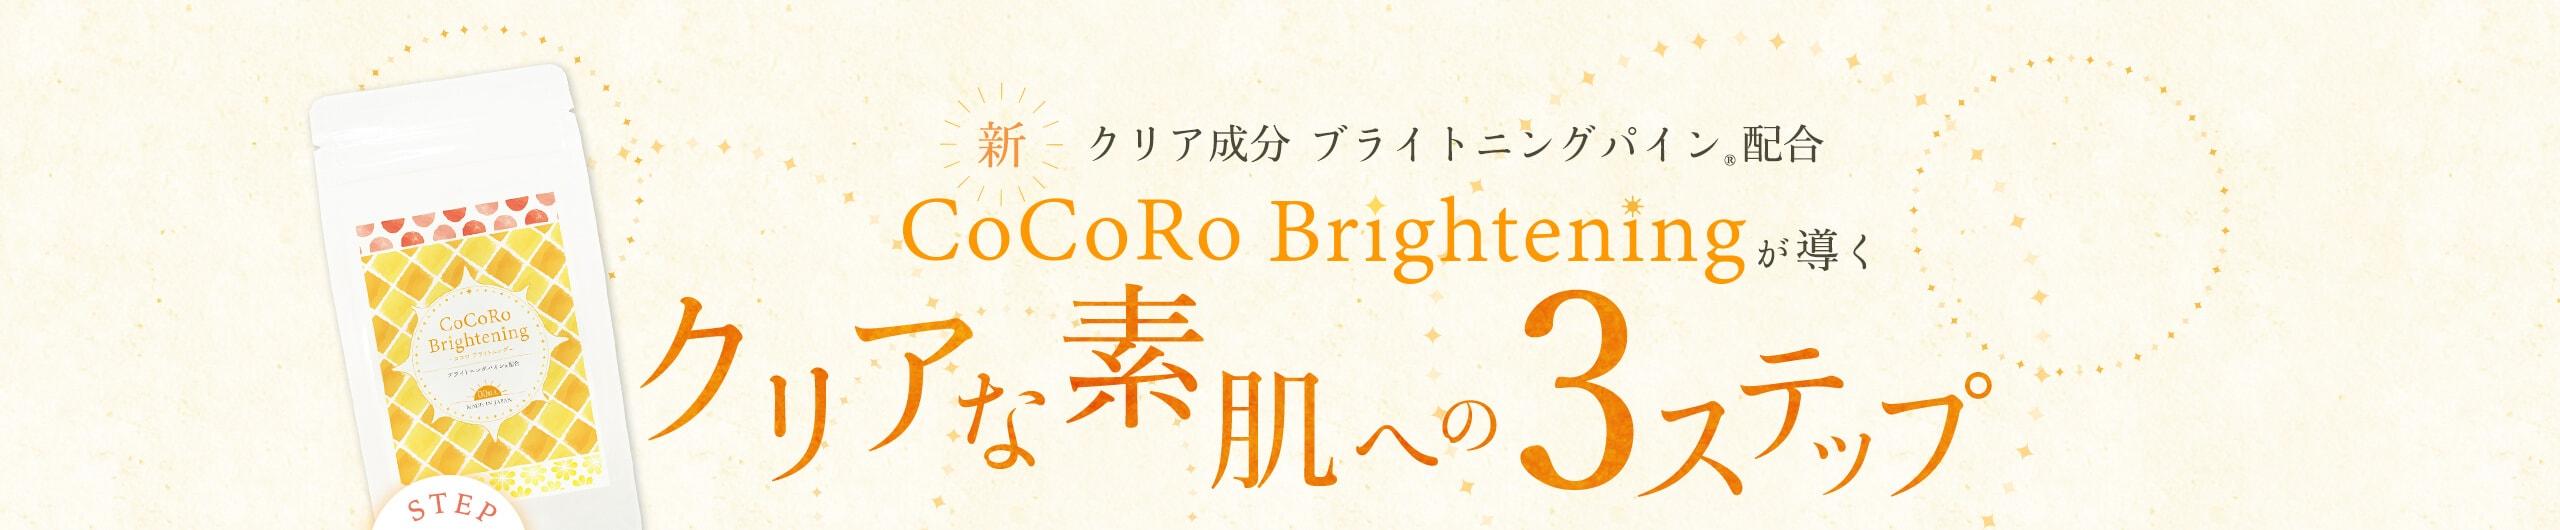 新クリア成分ブライトニングパイン配合CoCoRoBrightening(ココロブライトニング)が導くクリアな素肌への3ステップ